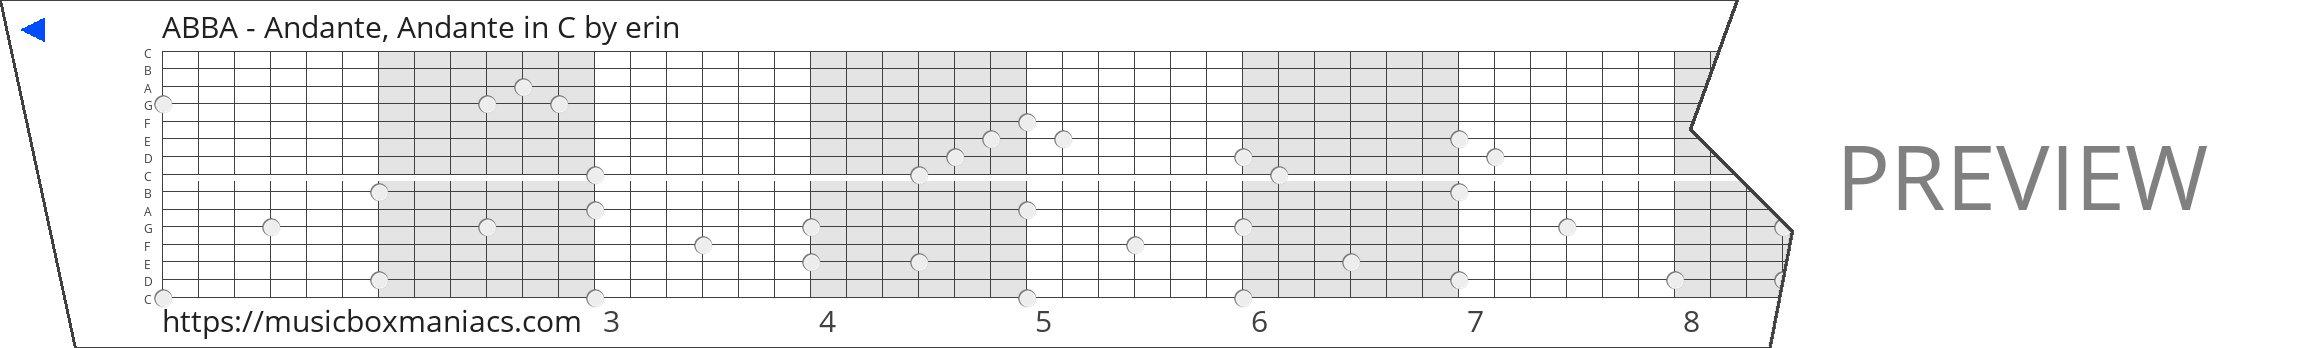 ABBA - Andante, Andante in C 15 note music box paper strip